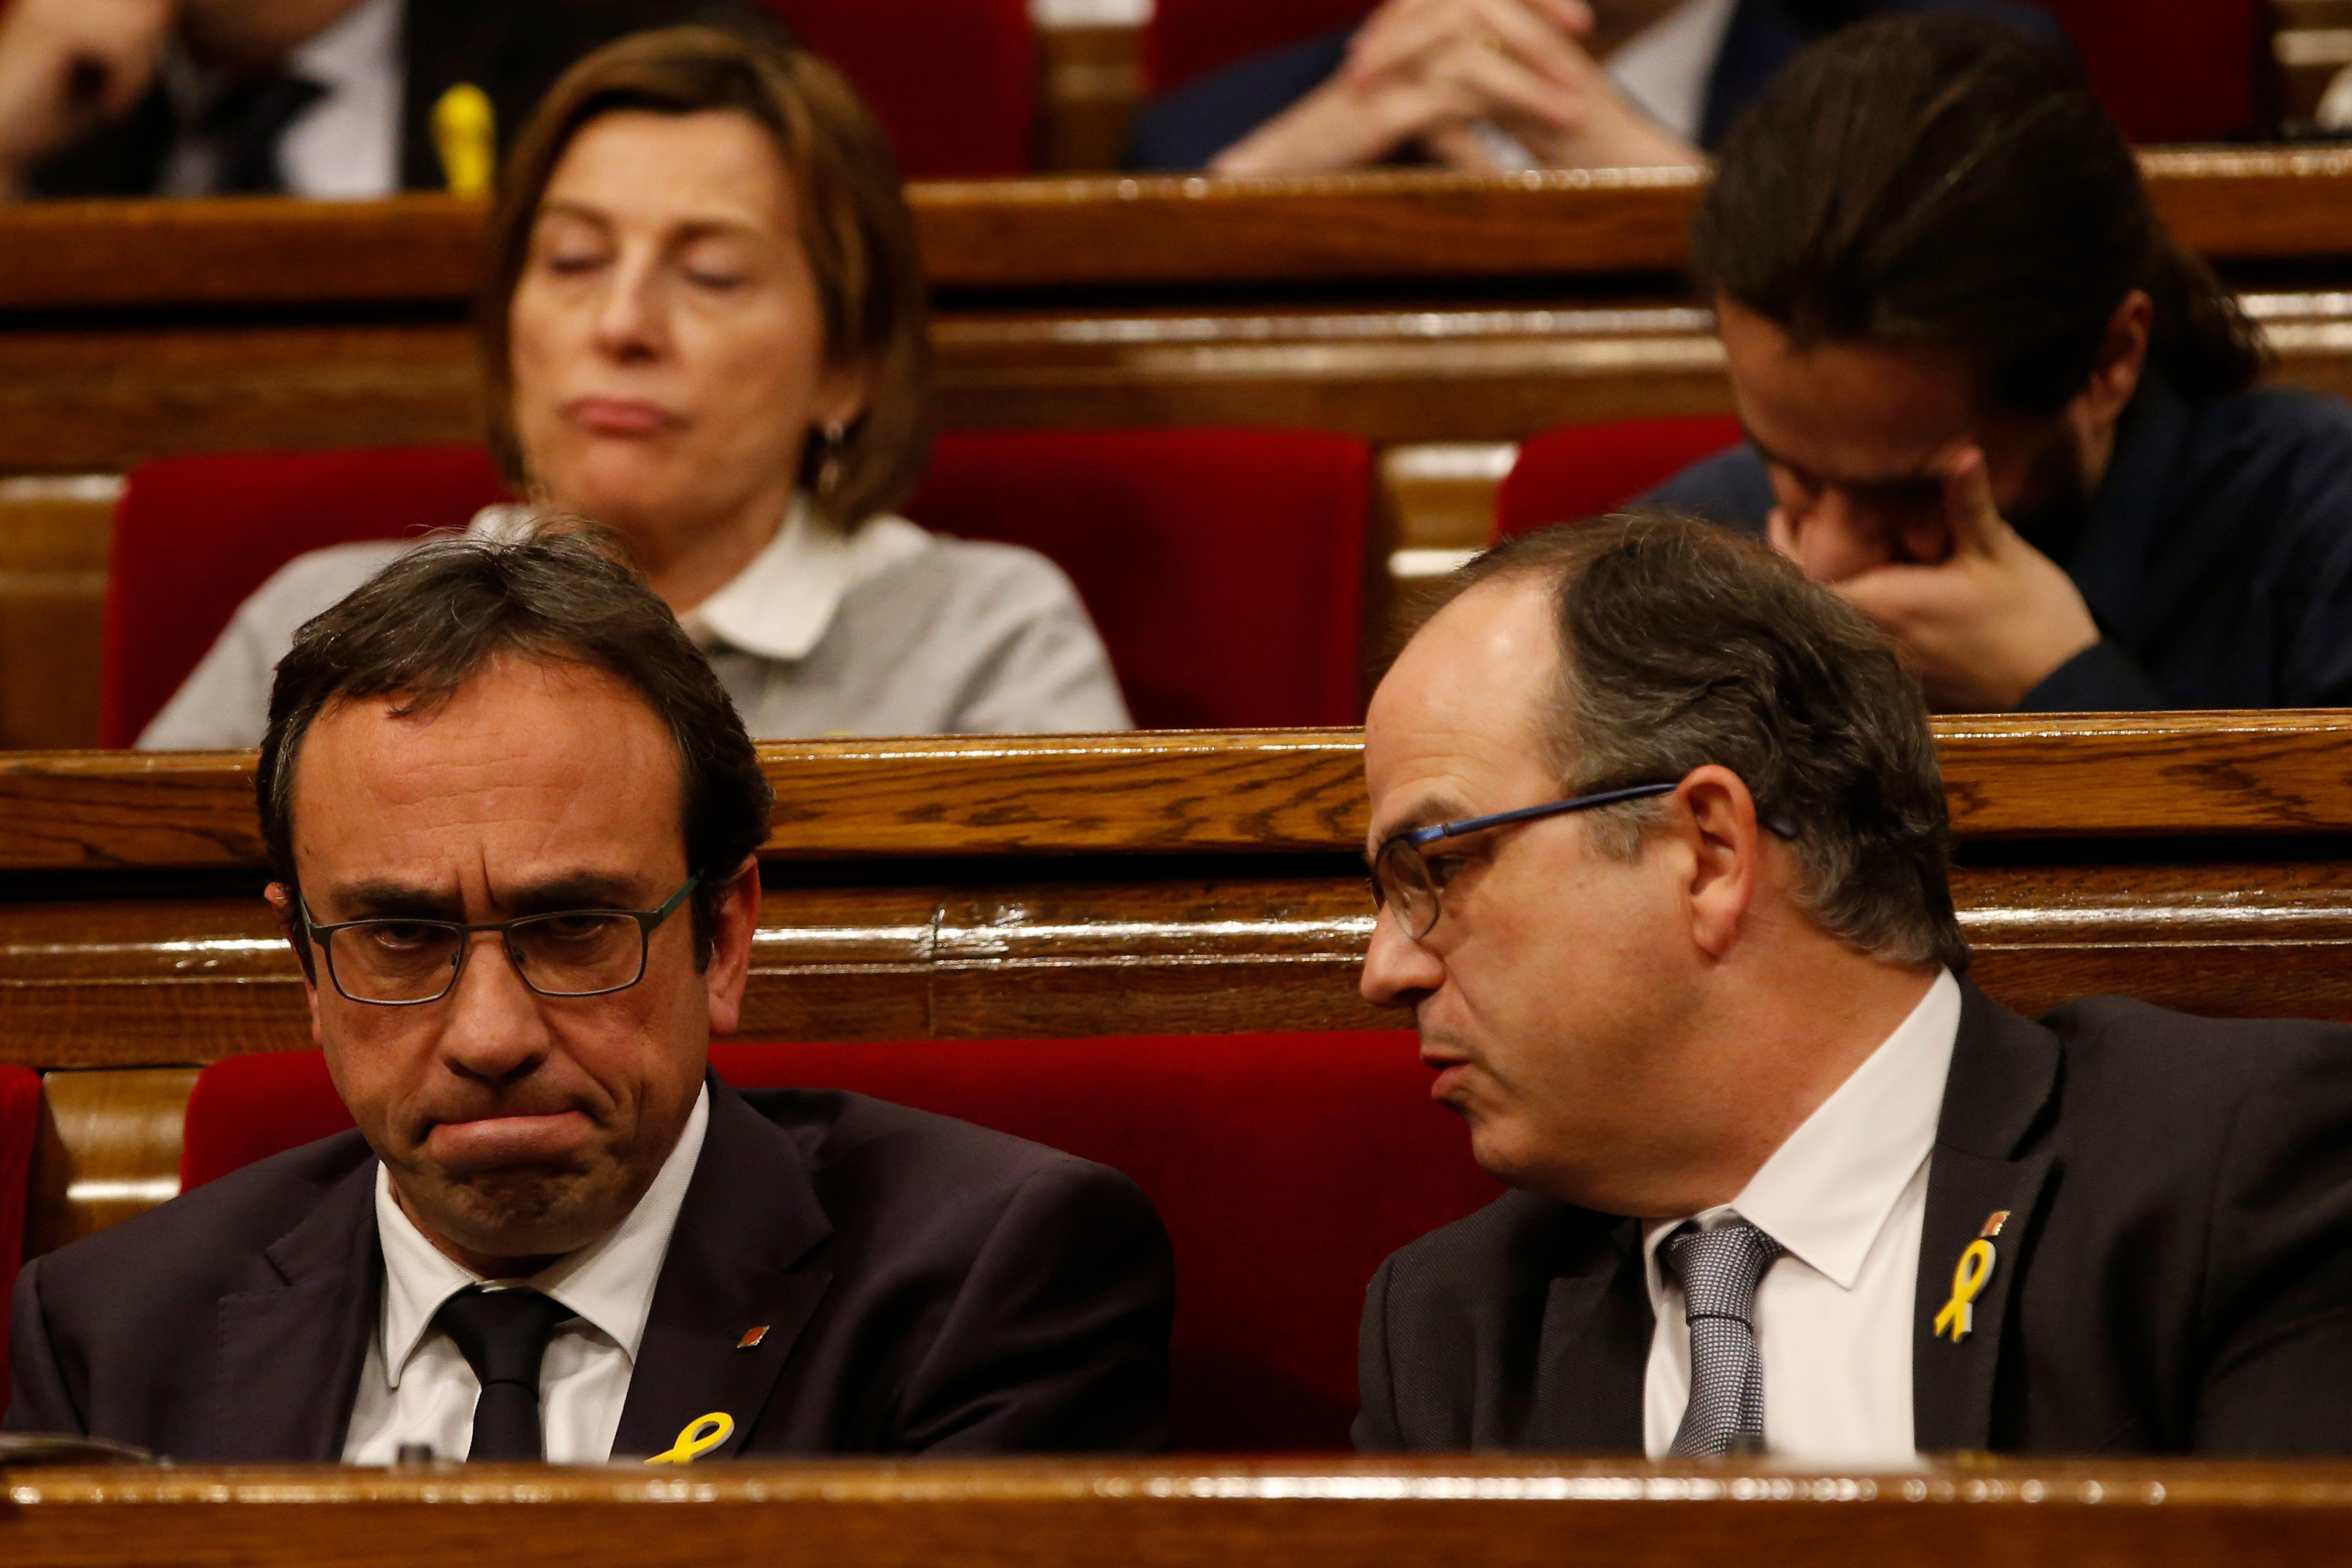 برلمان كتالونيا يفشل فى انتخاب رئيس للإقليم